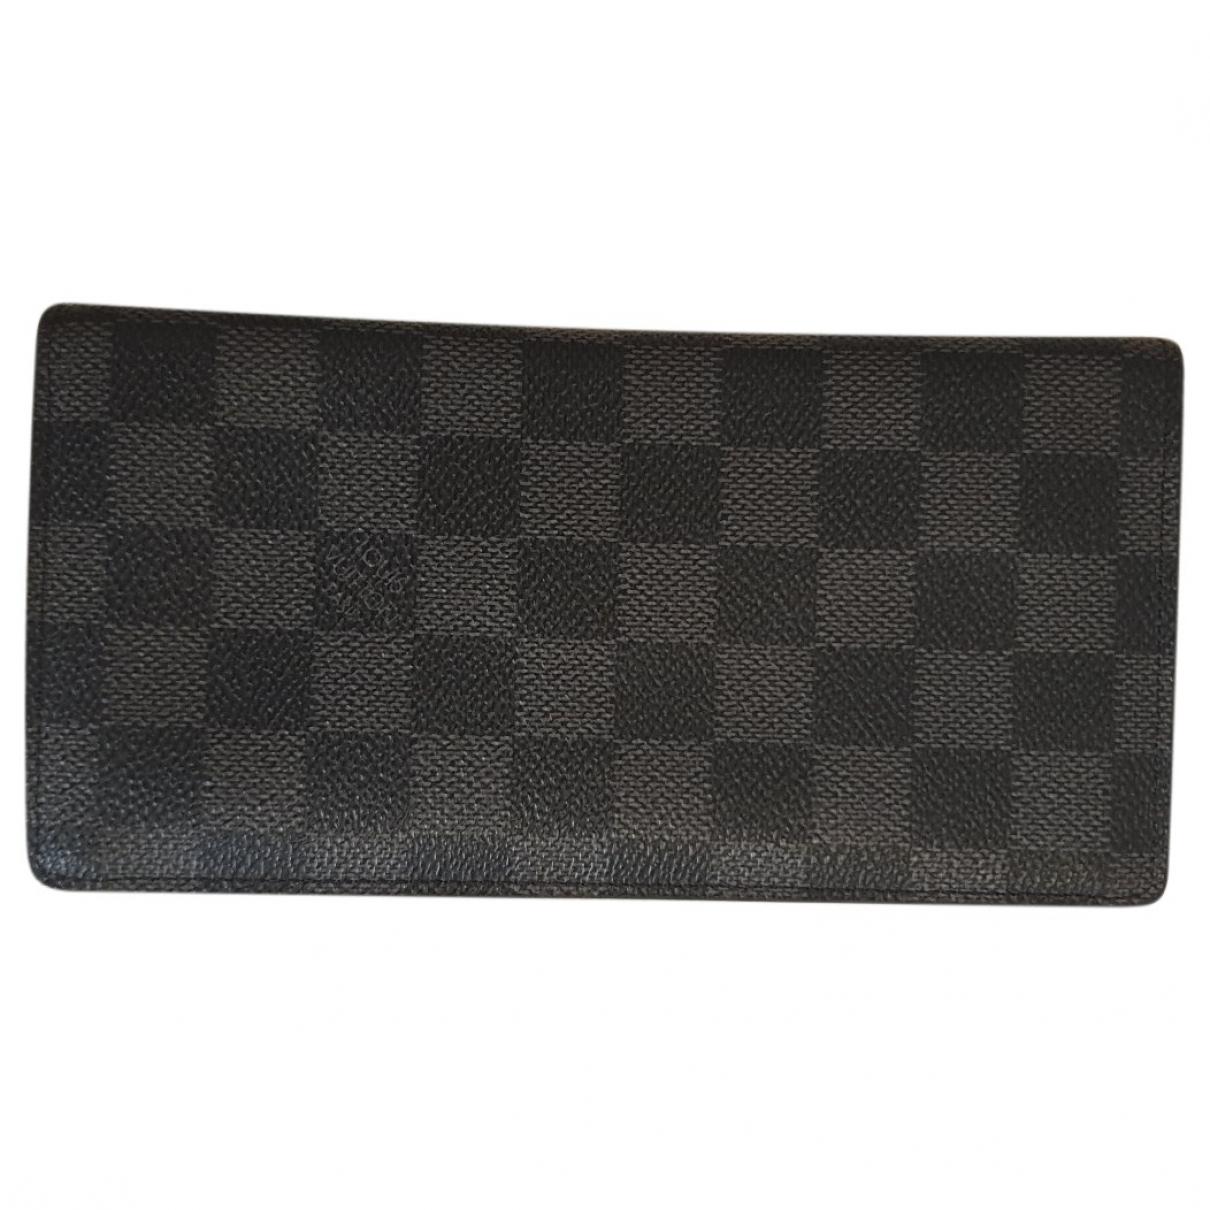 Louis Vuitton - Petite maroquinerie Brazza pour homme en toile - anthracite